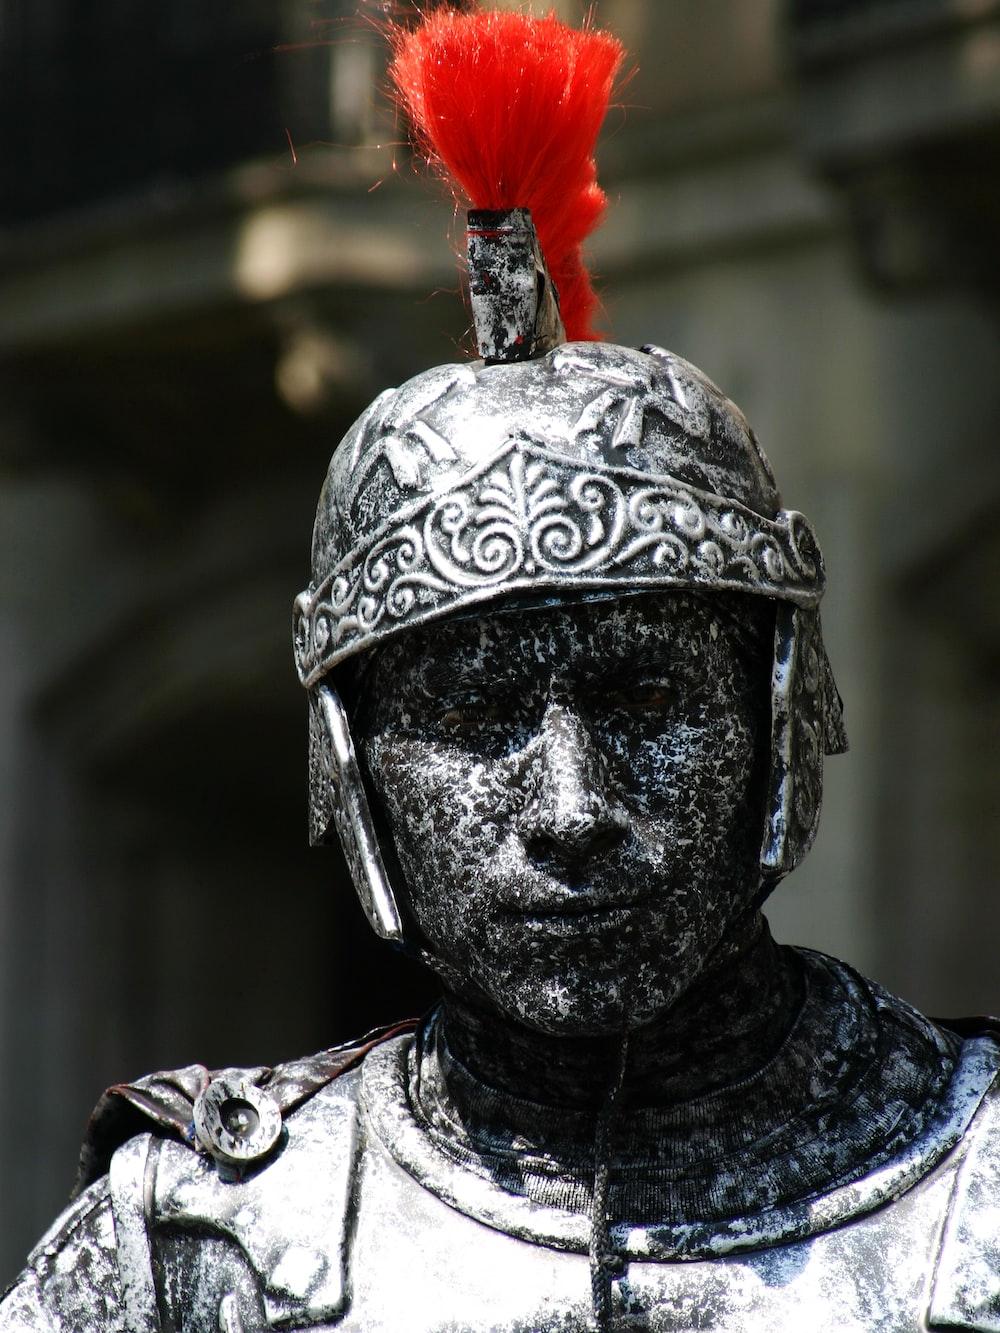 man in silver helmet statue